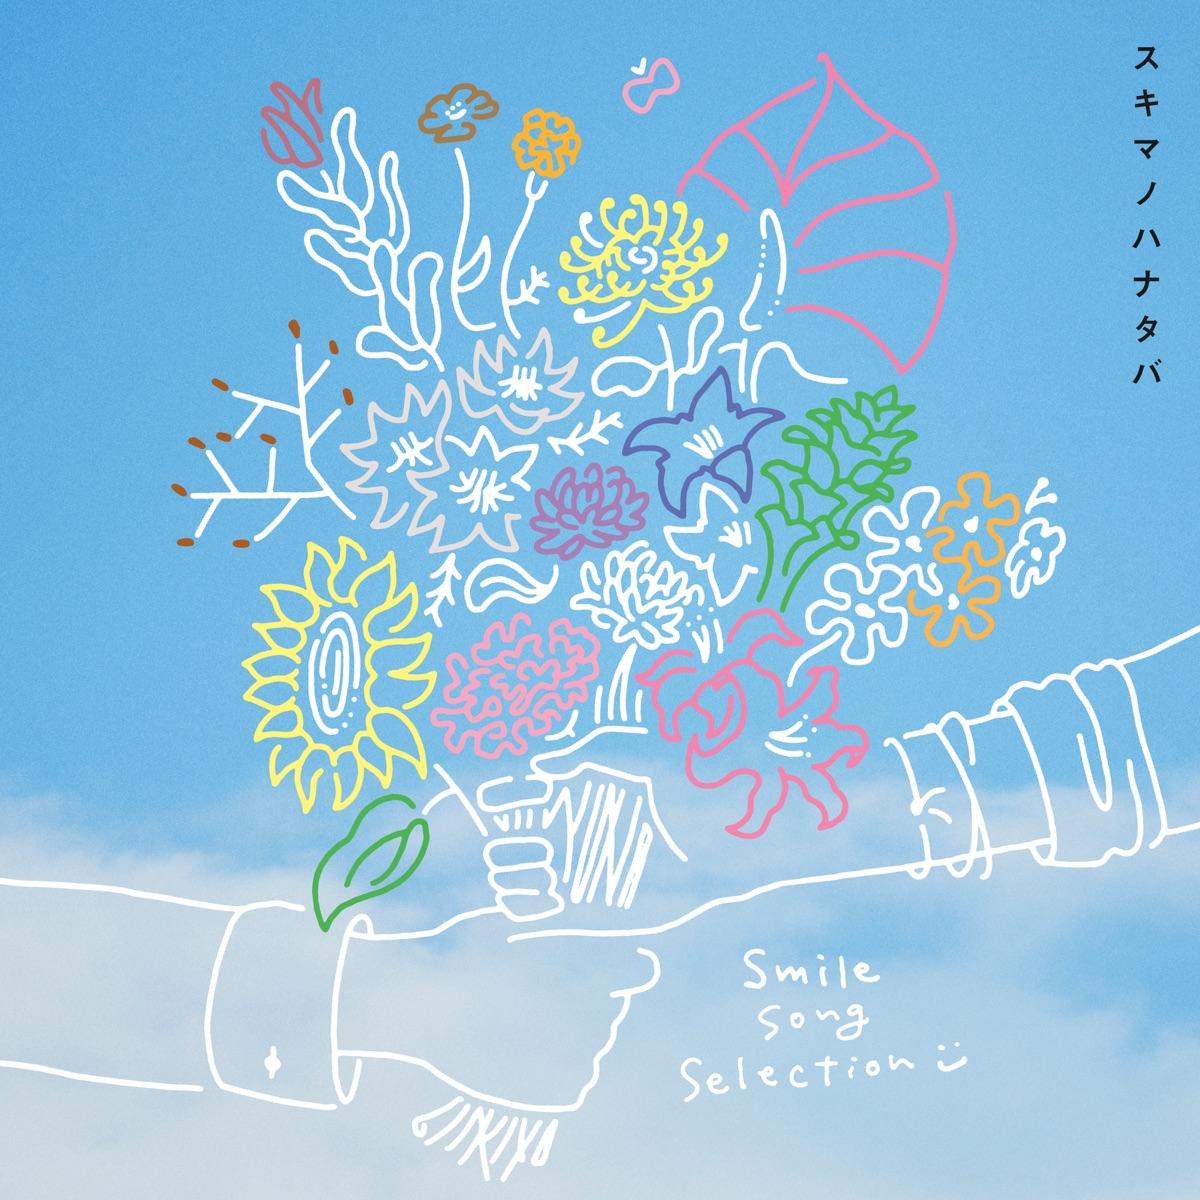 『スキマスイッチ - あけたら』収録の『スキマノハナタバ 〜Smile Song Selection〜』ジャケット